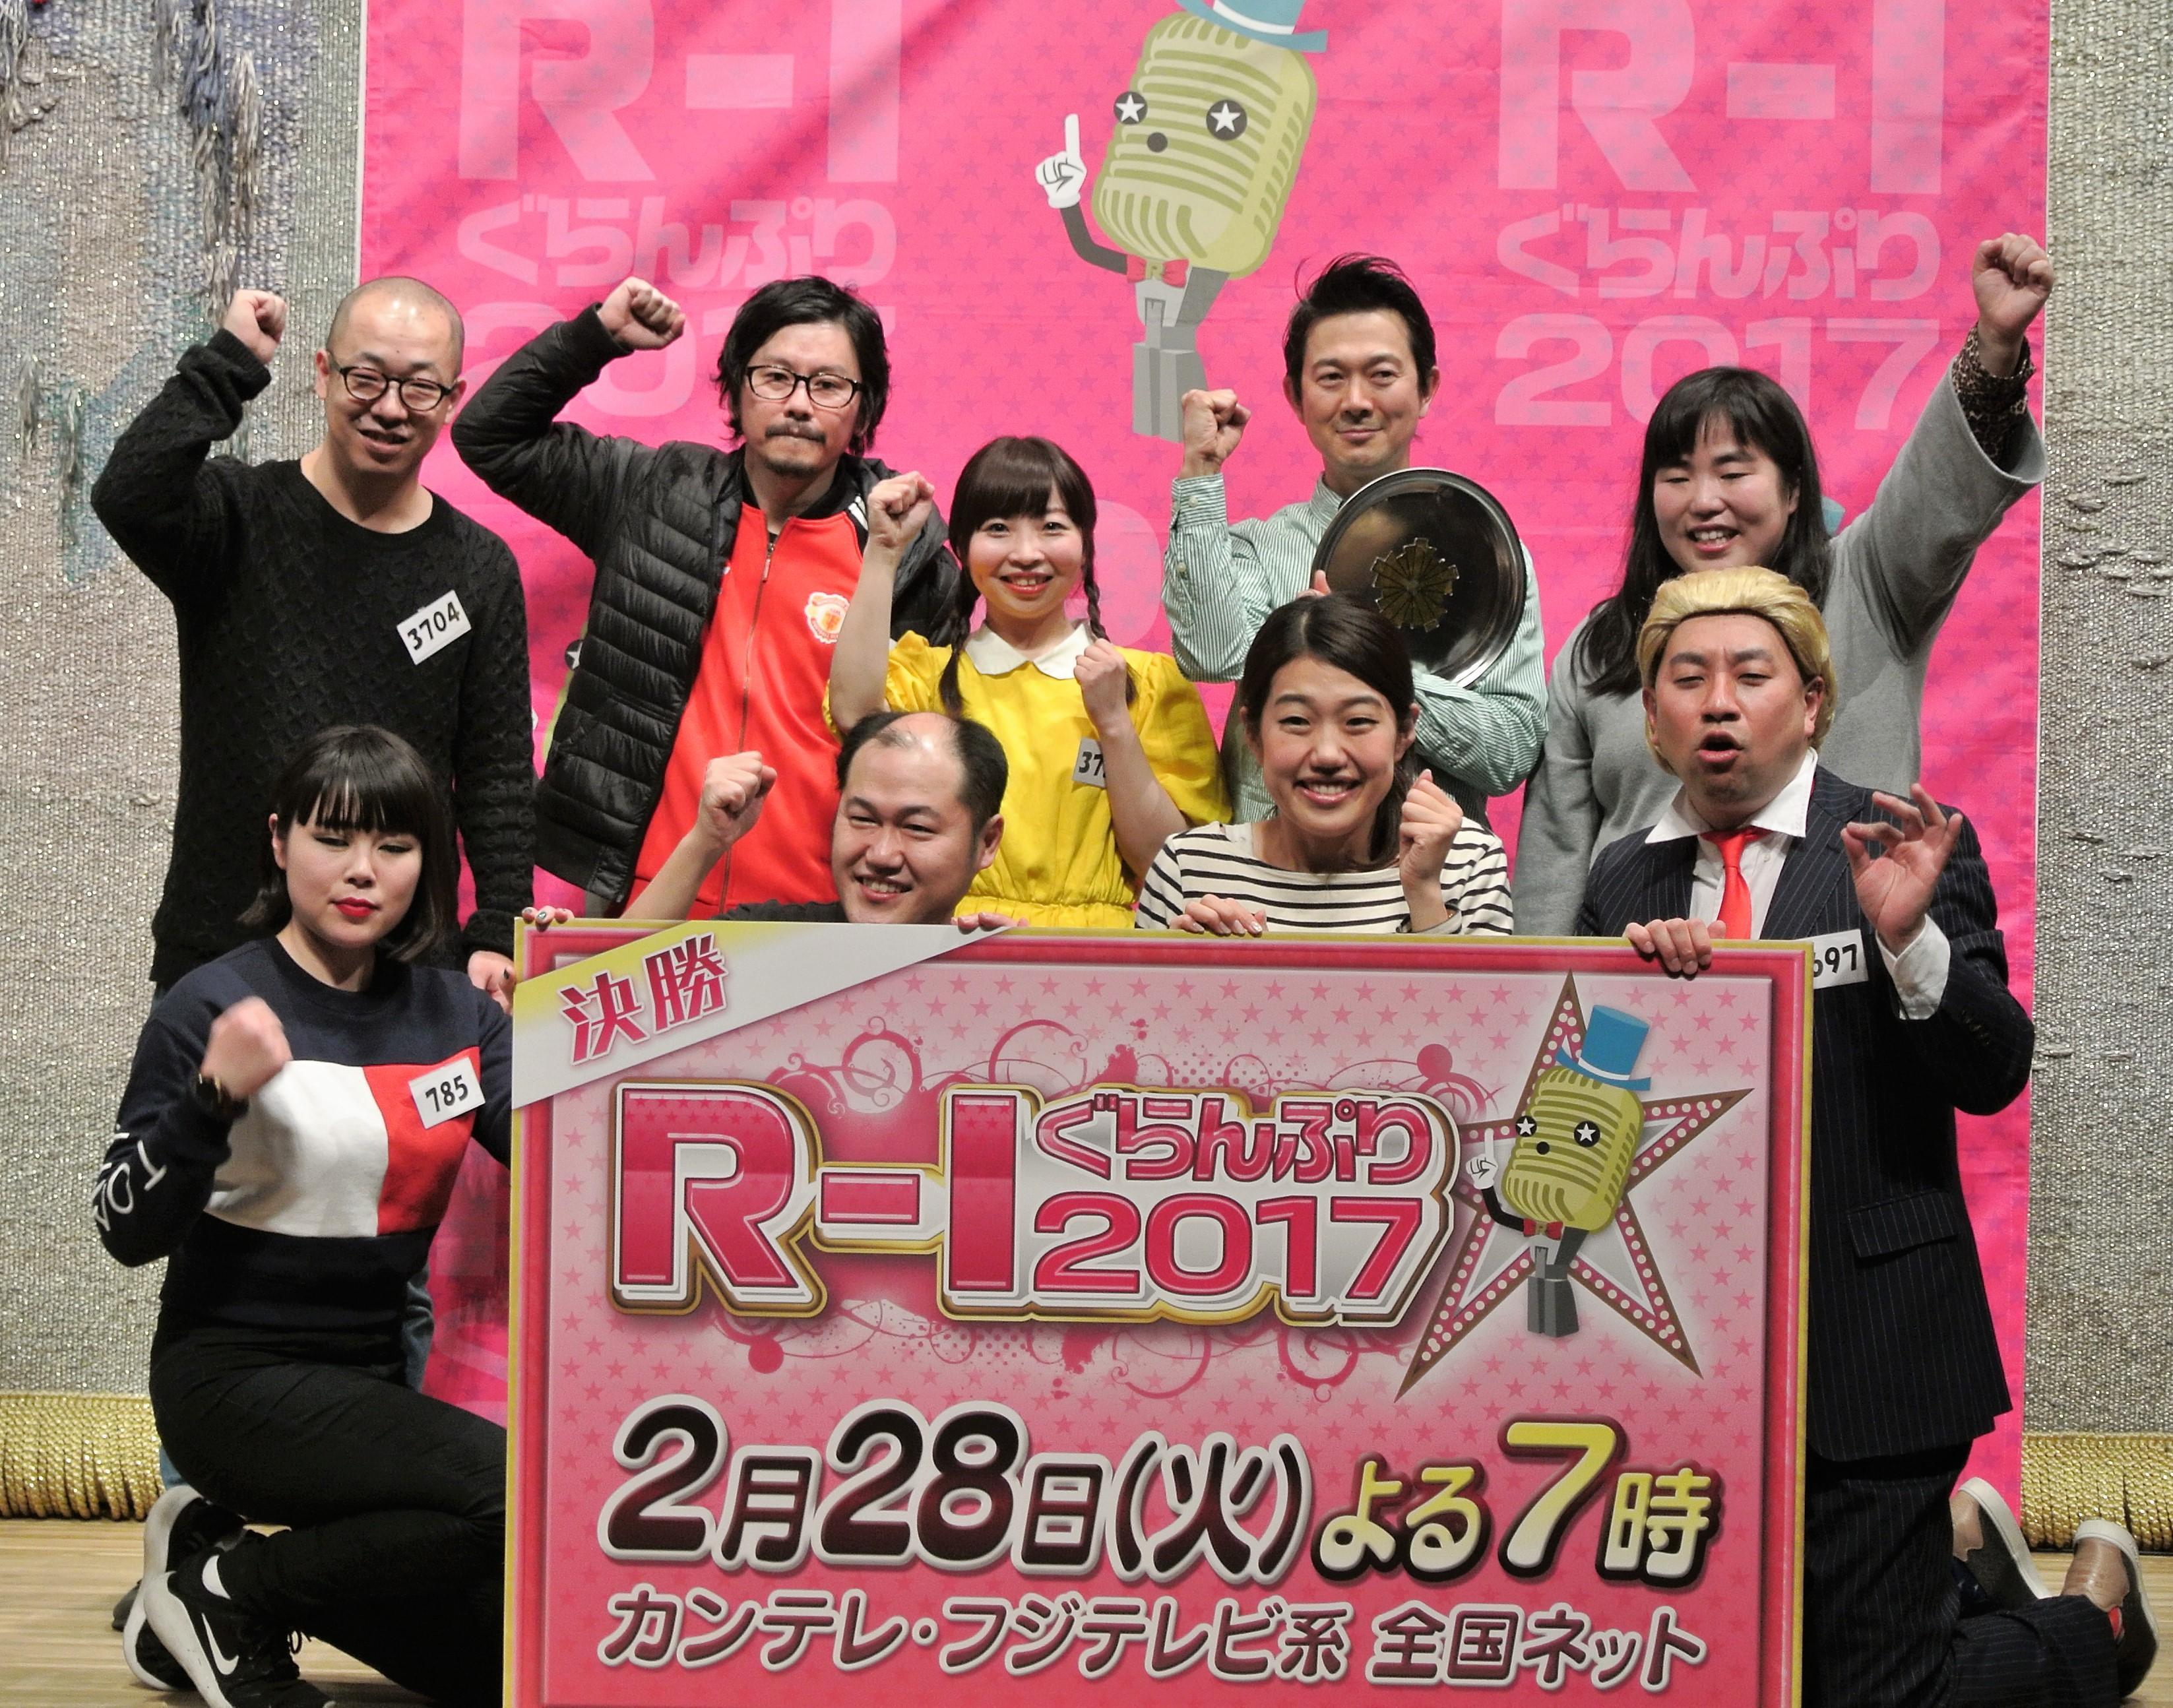 http://news.yoshimoto.co.jp/20170221110021-a657a897f50b759abfeb3bd133758dca2572bdde.jpg